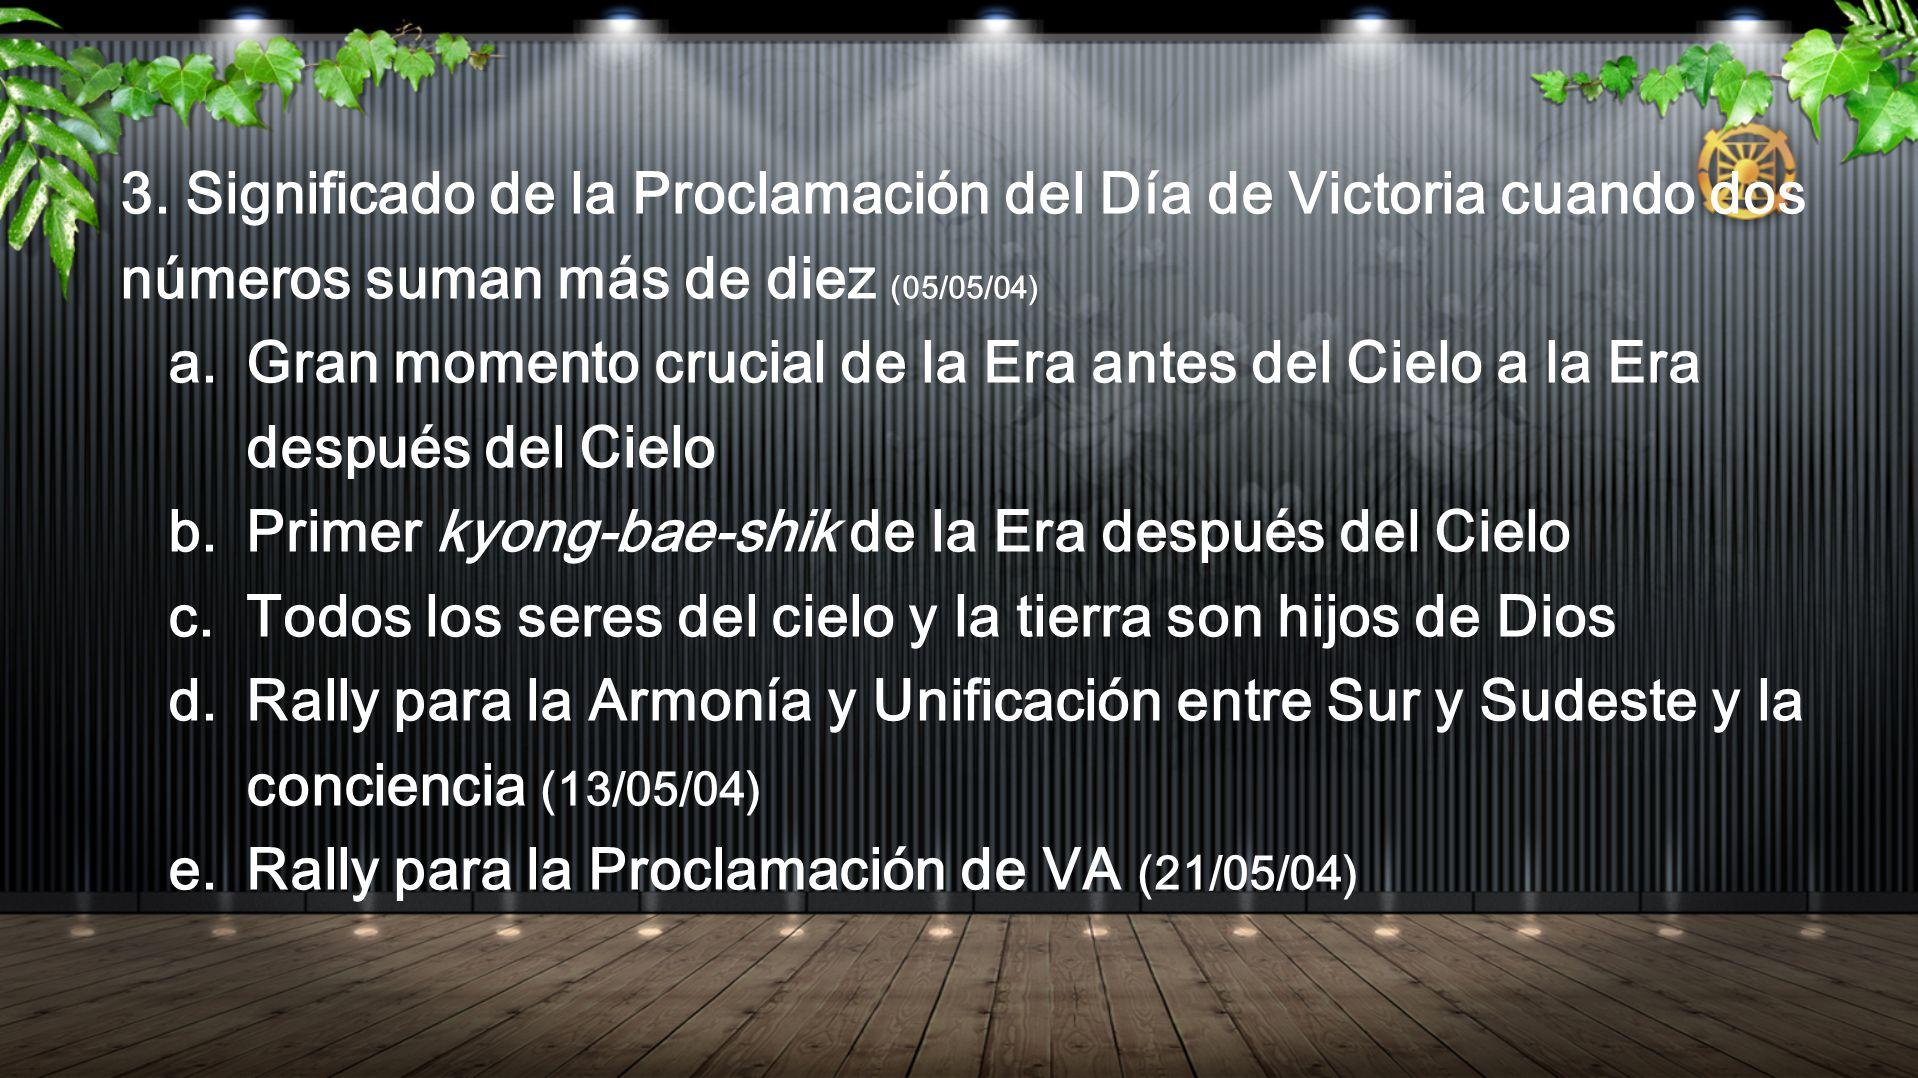 3. Significado de la Proclamación del Día de Victoria cuando dos números suman más de diez (05/05/04) a. Gran momento crucial de la Era antes del Ciel